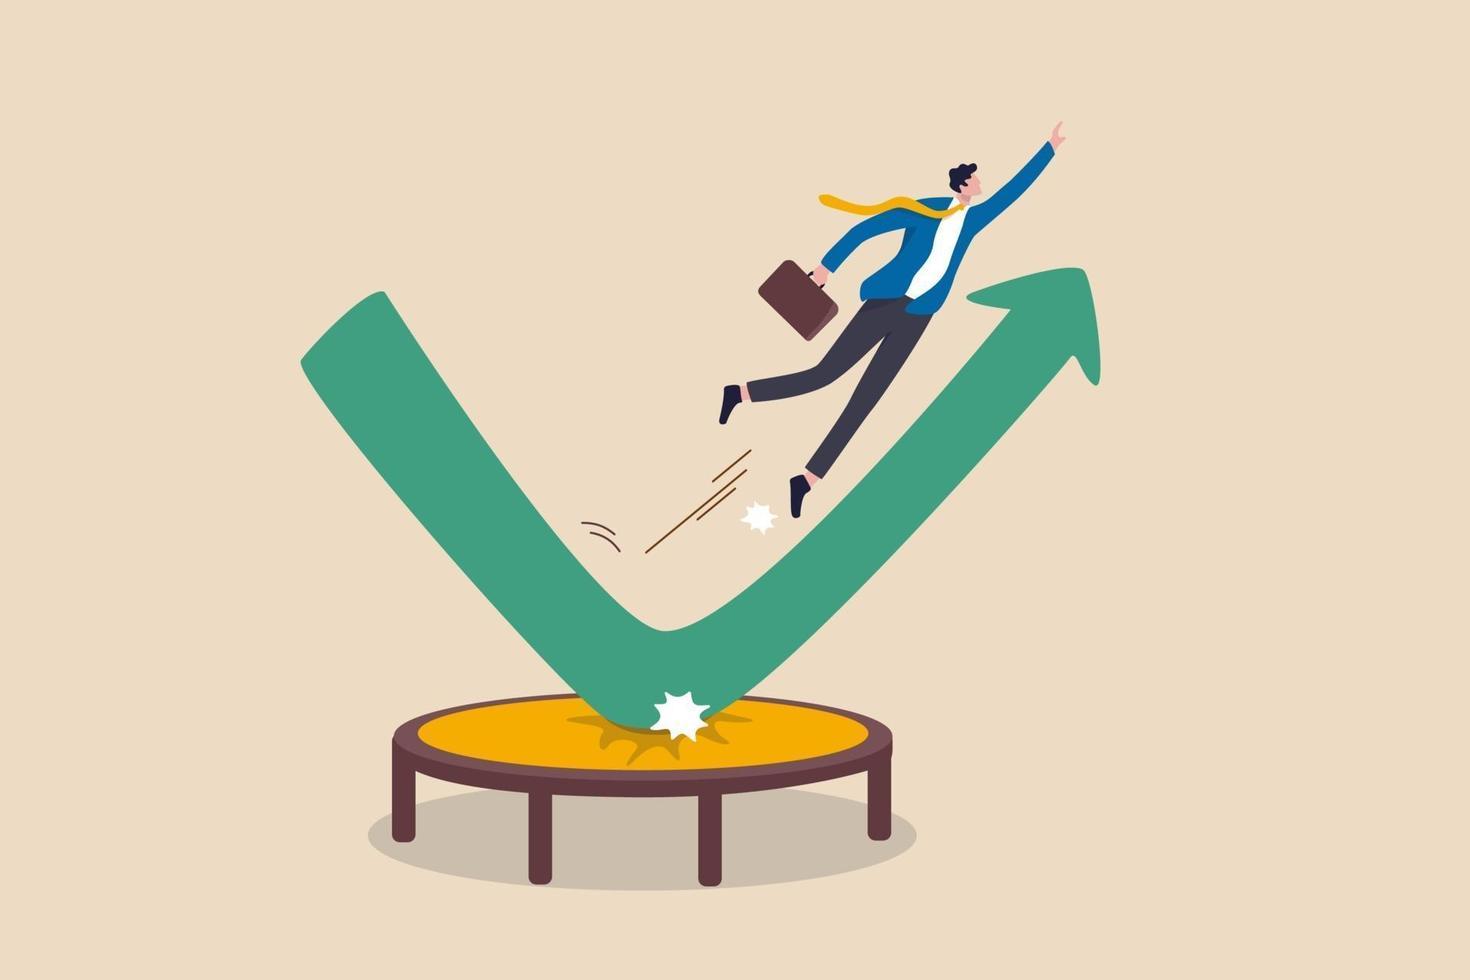 aktiemarknaden återhämtar sig, övervinner affärer ner faller och växer upp vinst eller ledarskap och prestationskoncept, affärsman hoppar studsande högt på studsmatta med grönt stigande upp prestanda pildiagram. vektor